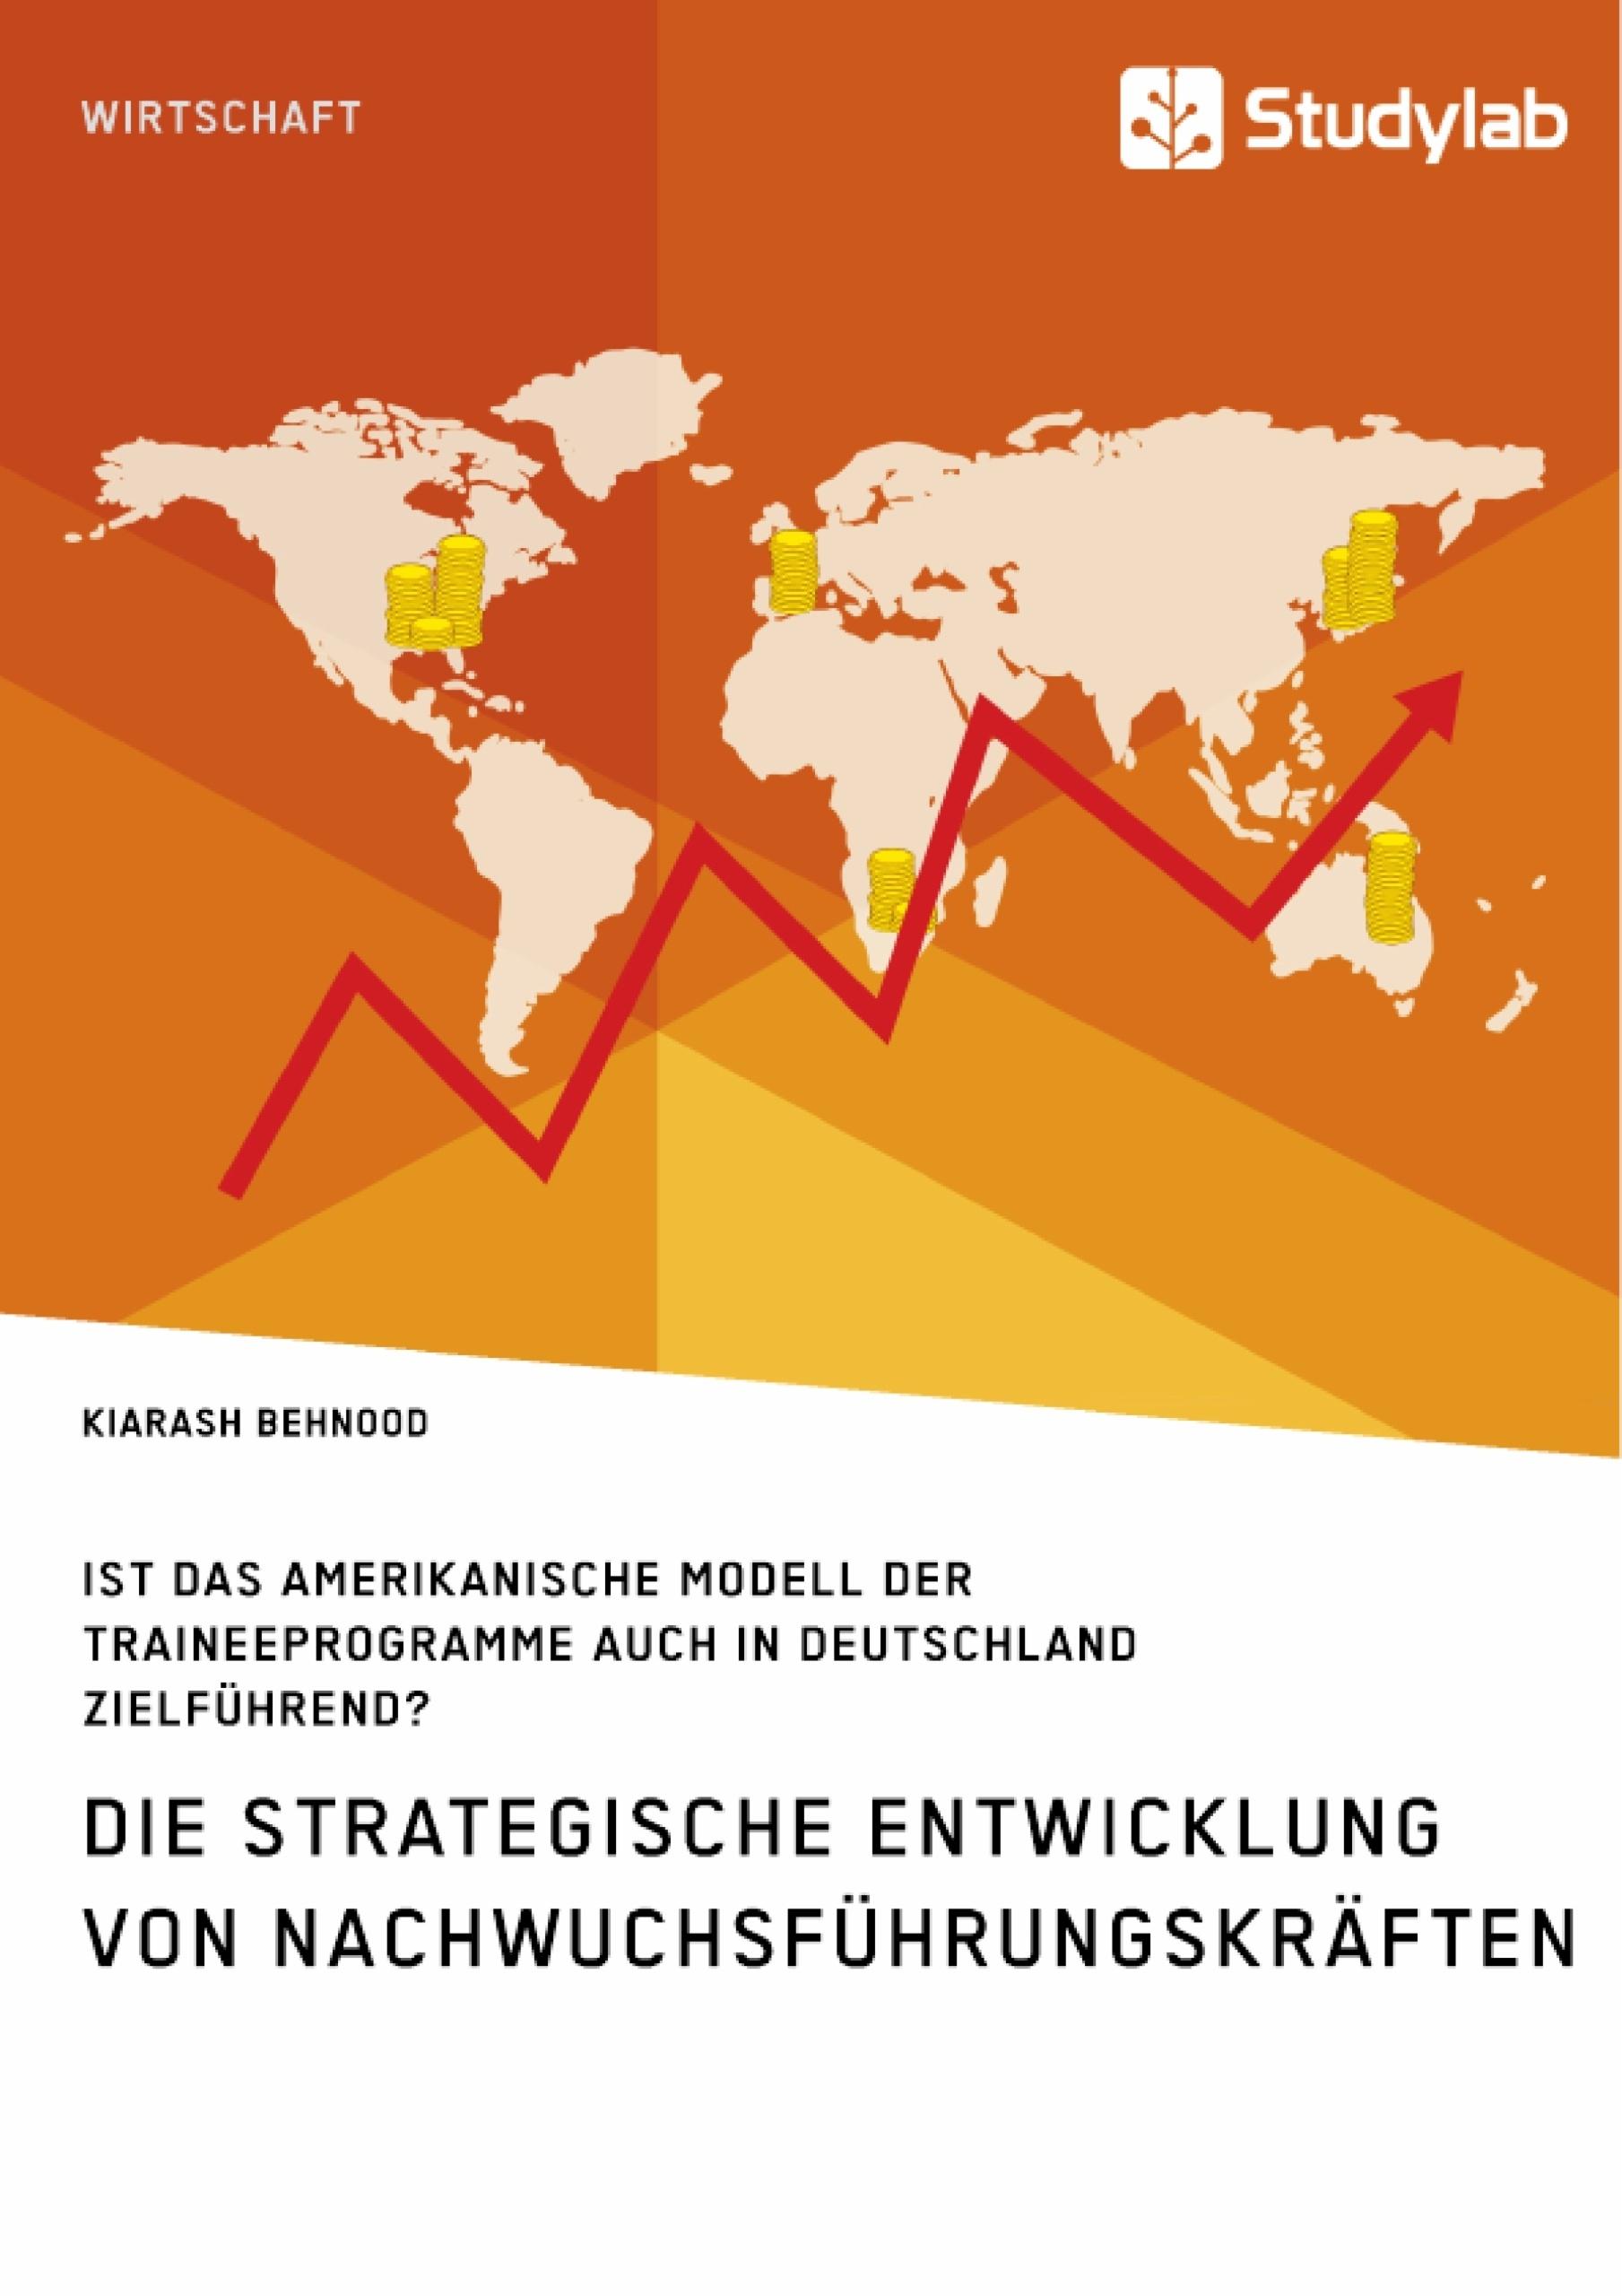 Titel: Die strategische Entwicklung von Nachwuchsführungskräften. Ist das amerikanische Modell der Traineeprogramme auch in Deutschland zielführend?